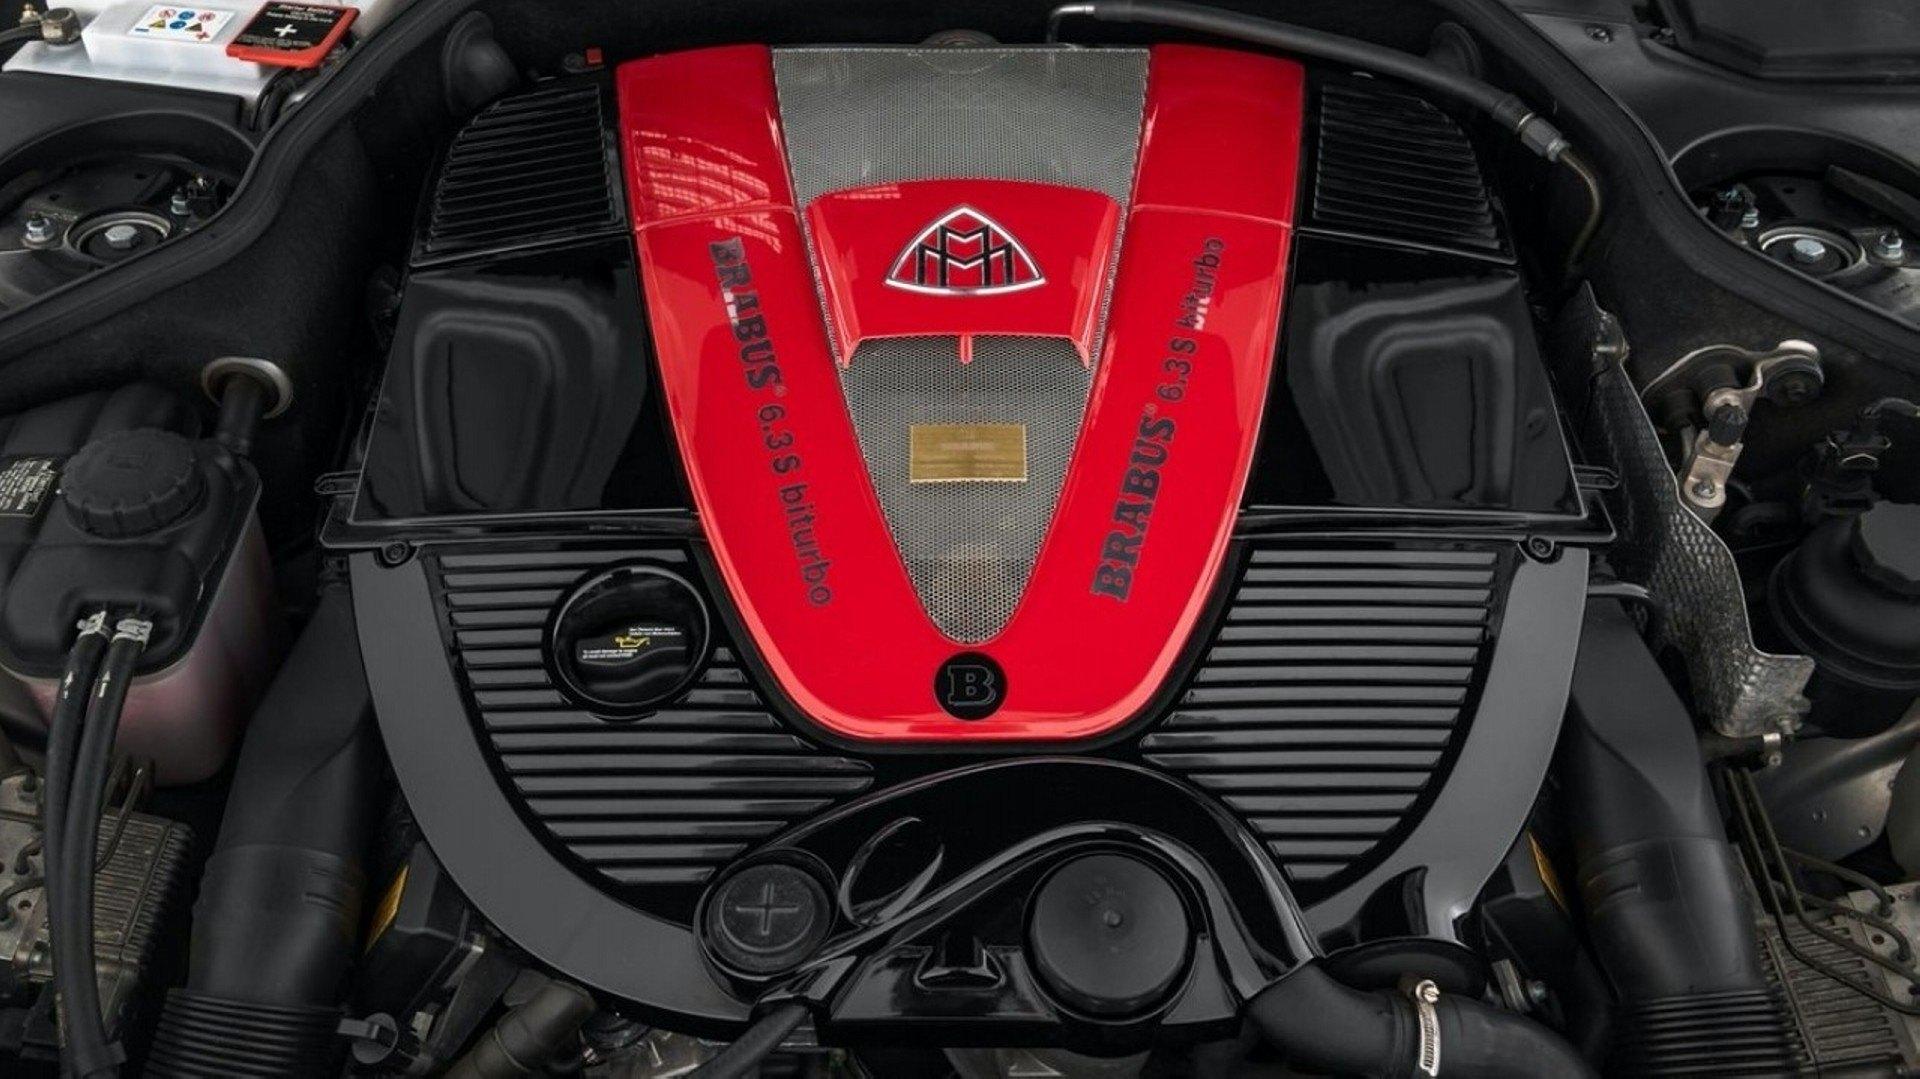 2006 Brabus Maybach 57 S (7)